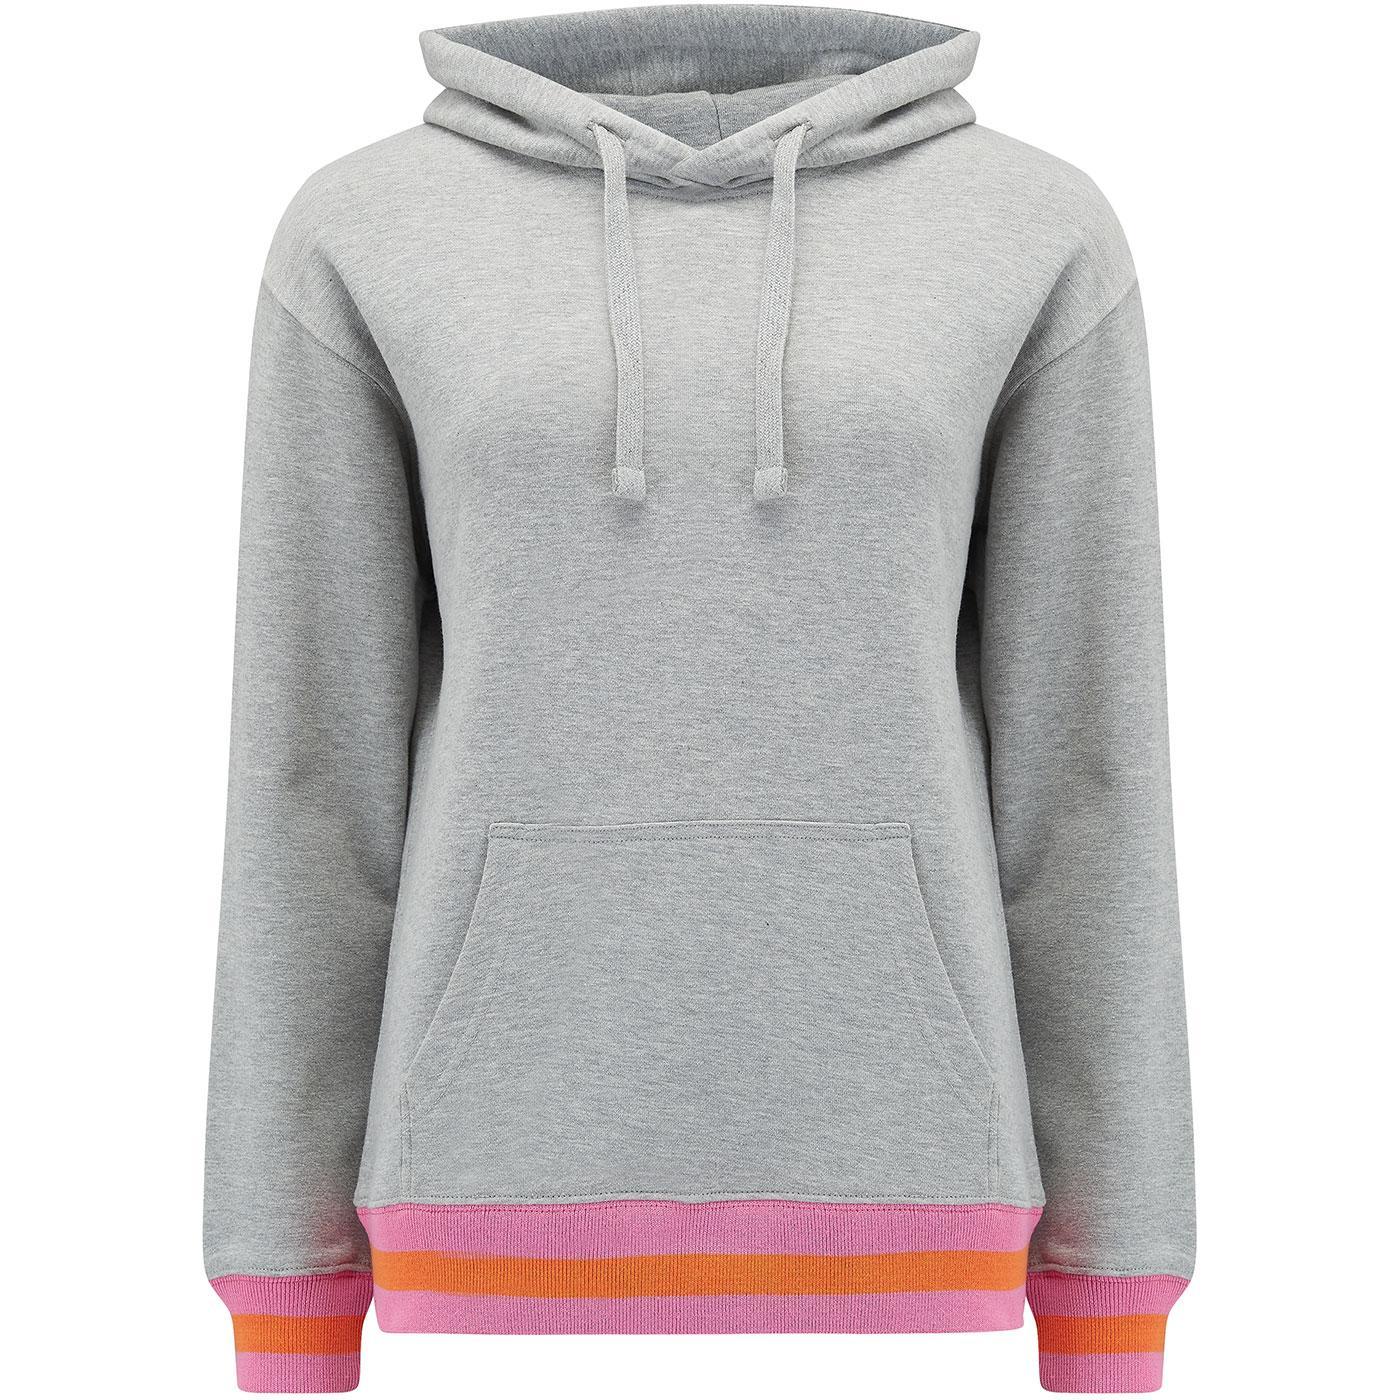 SW0027 jesse sports tripe hoodie grey